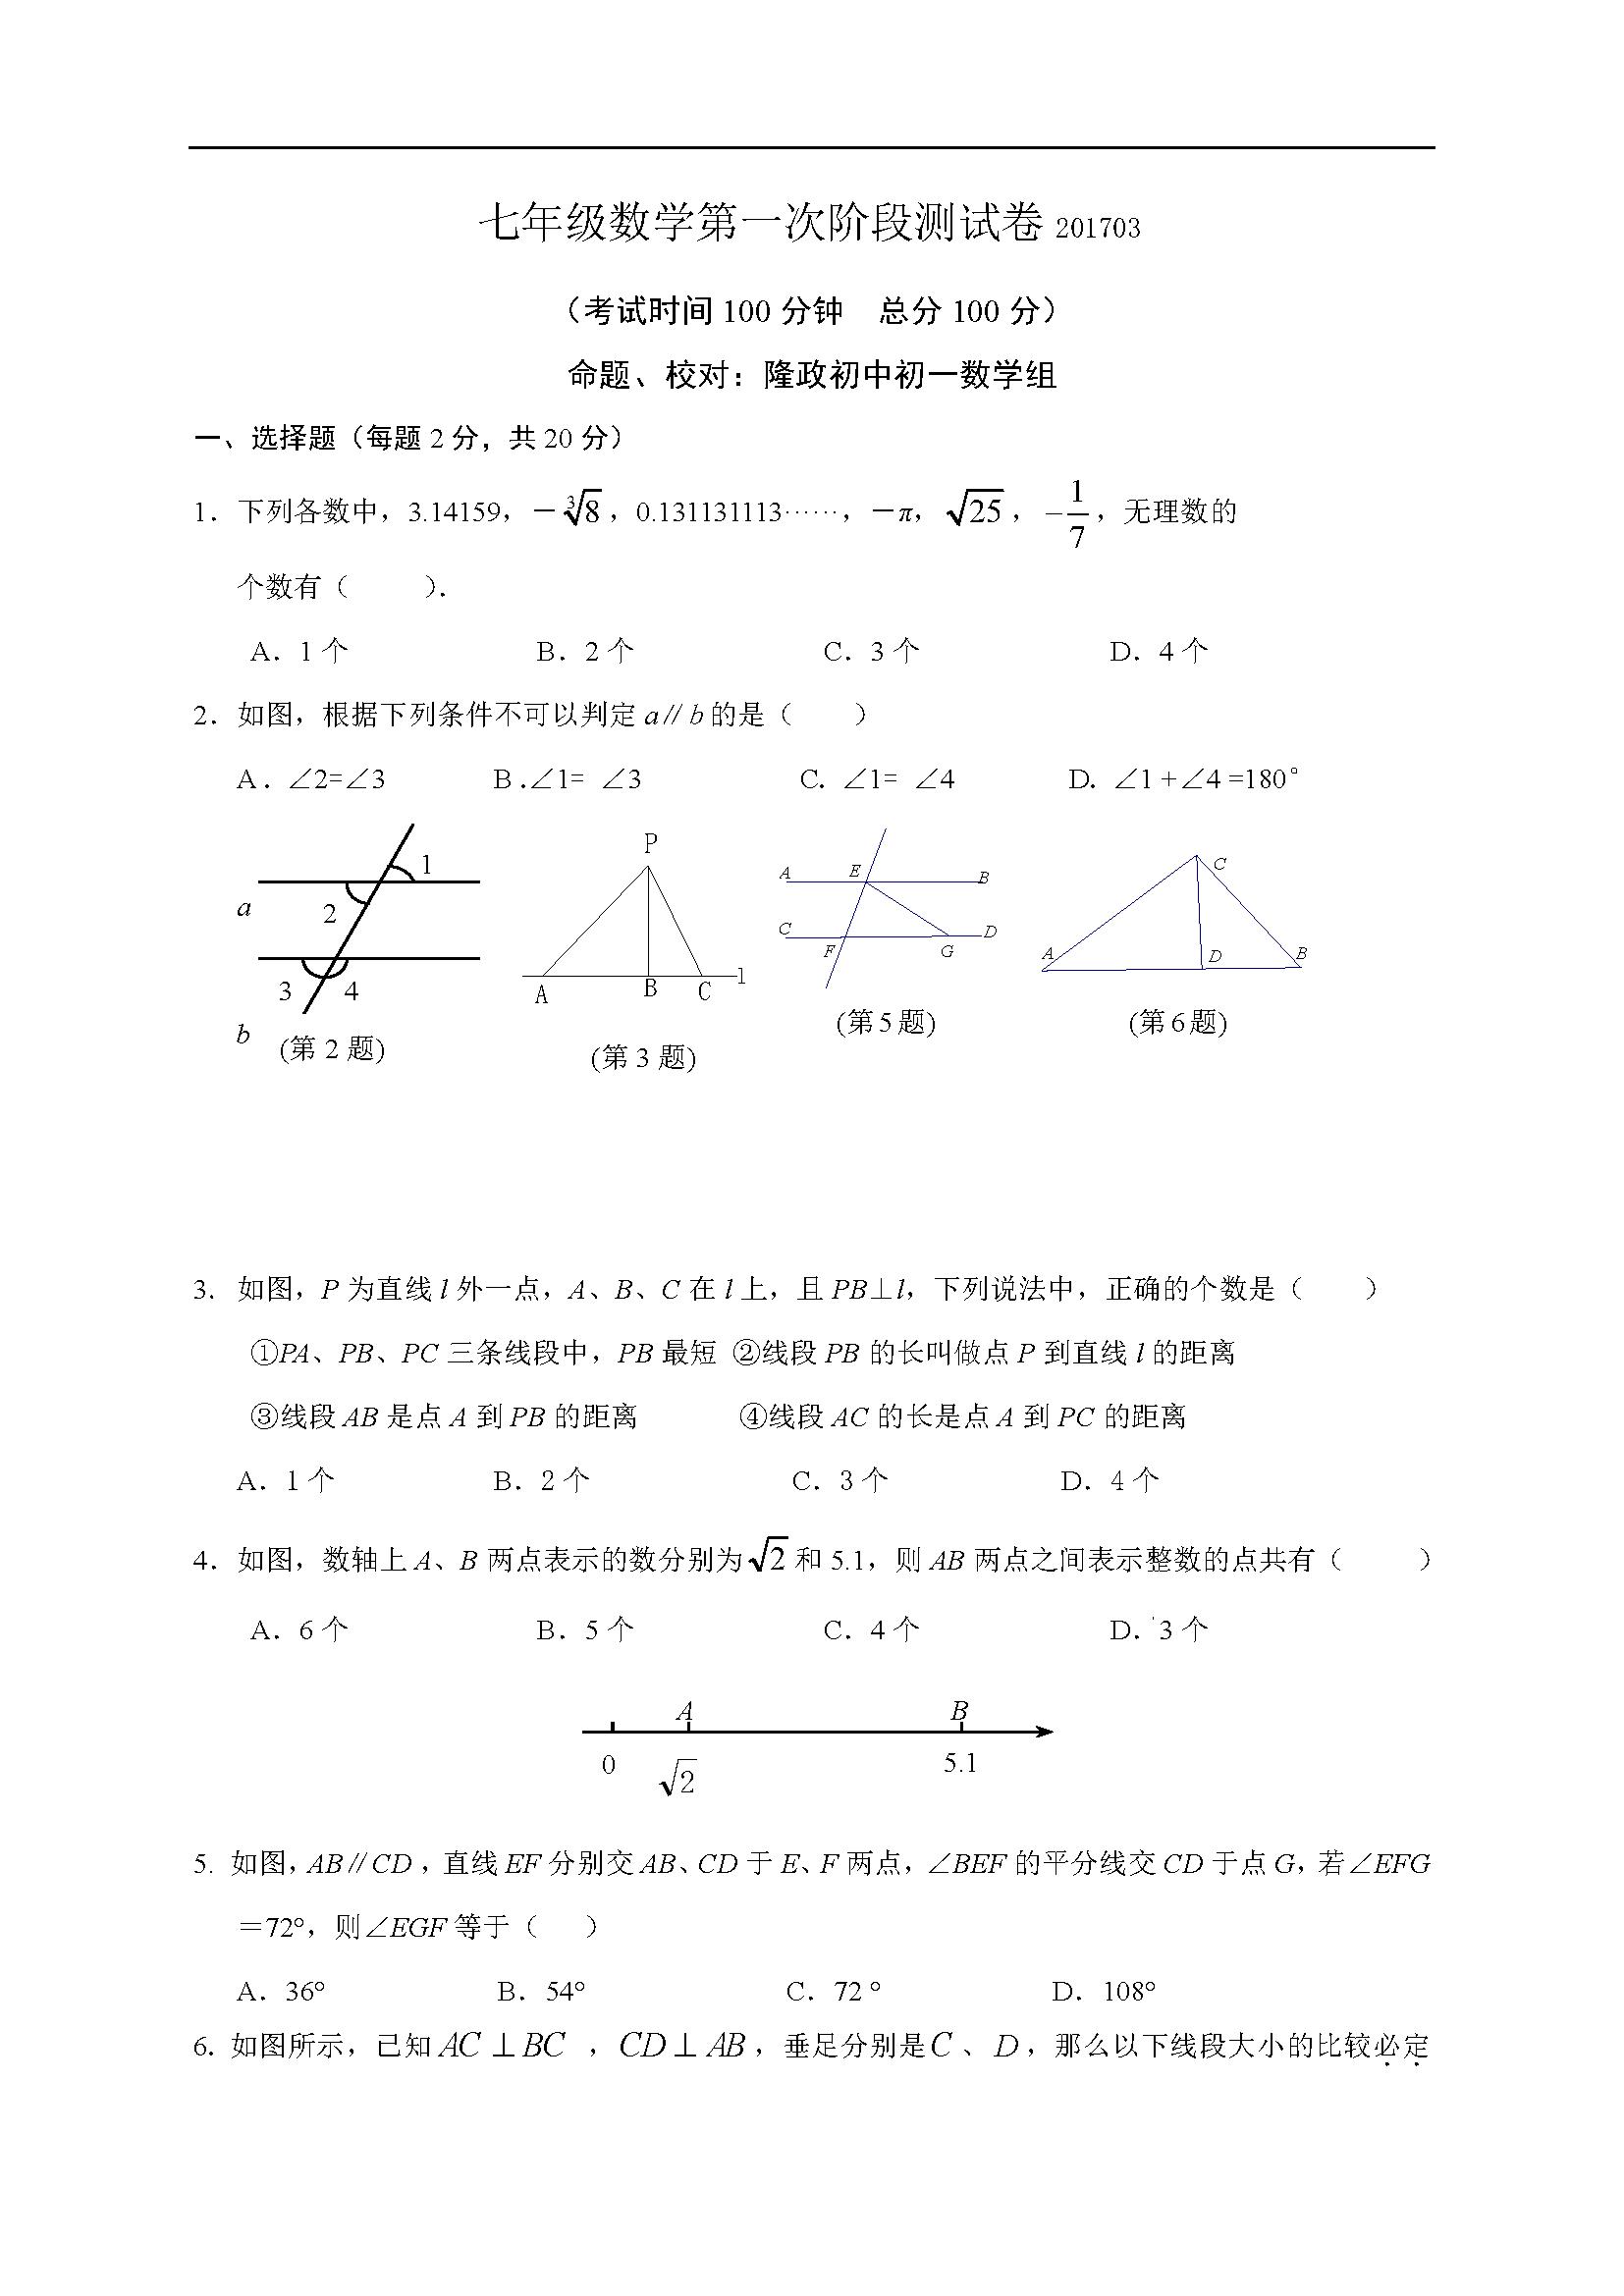 2017江苏南通海安吉庆初级中学七年级3月月考数学试题(图片版)